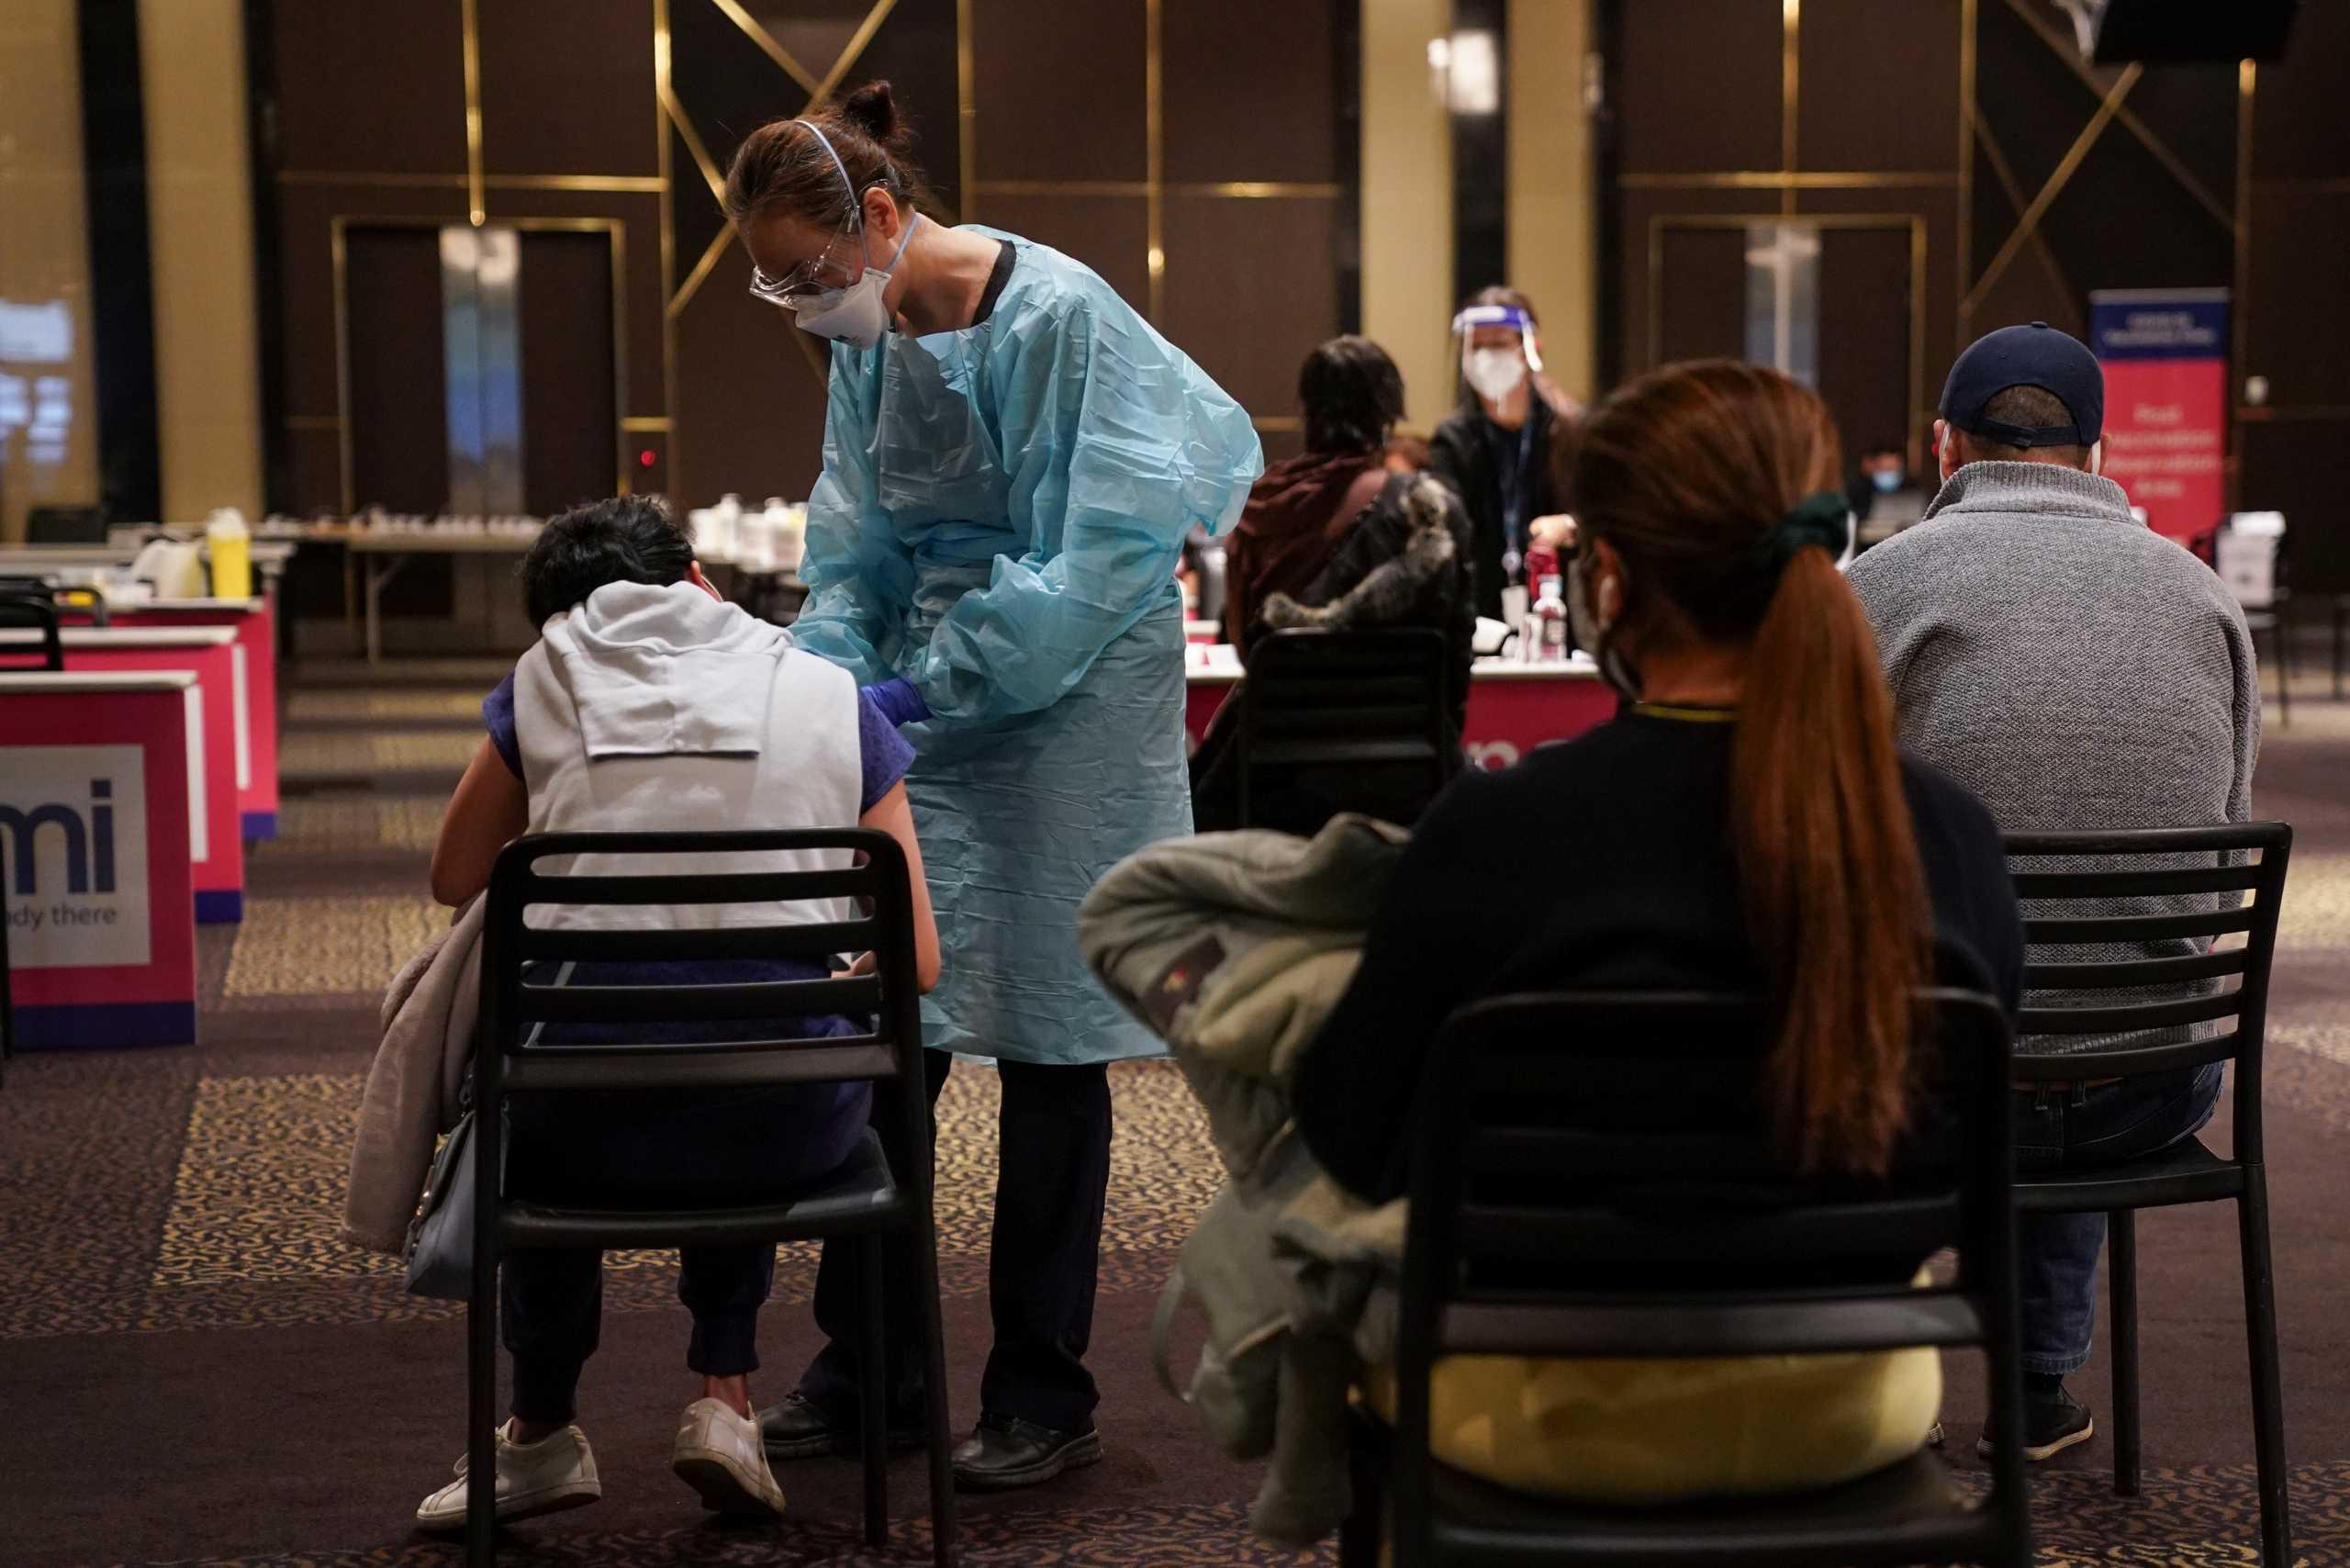 Αυστραλία: Ακόμη 1 εκατομμύριο δόσεις της Moderna για να αντιμετωπιστεί η πανδημία